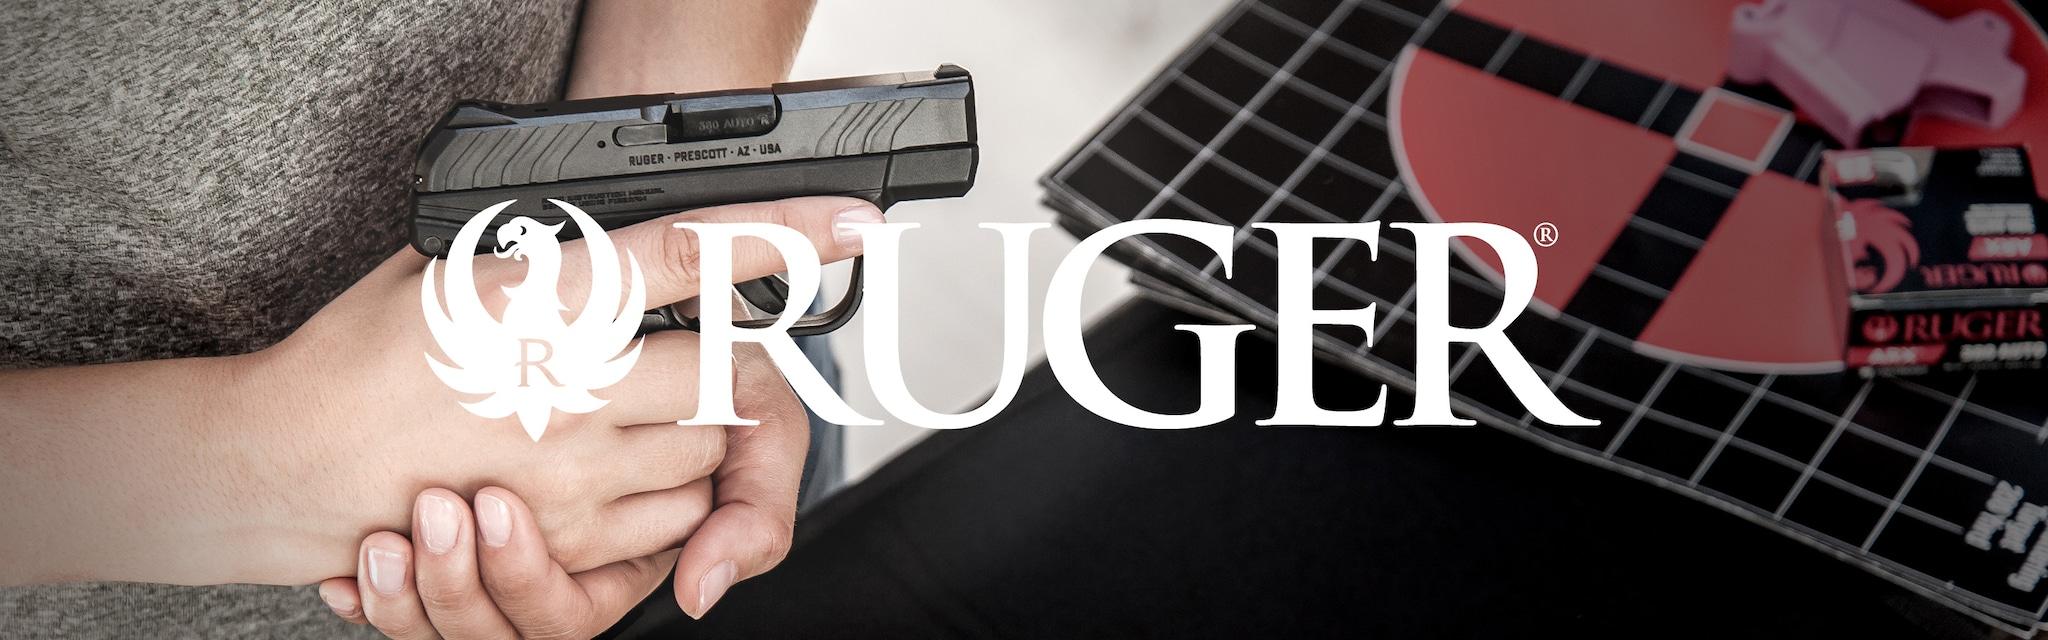 Ruger brand image